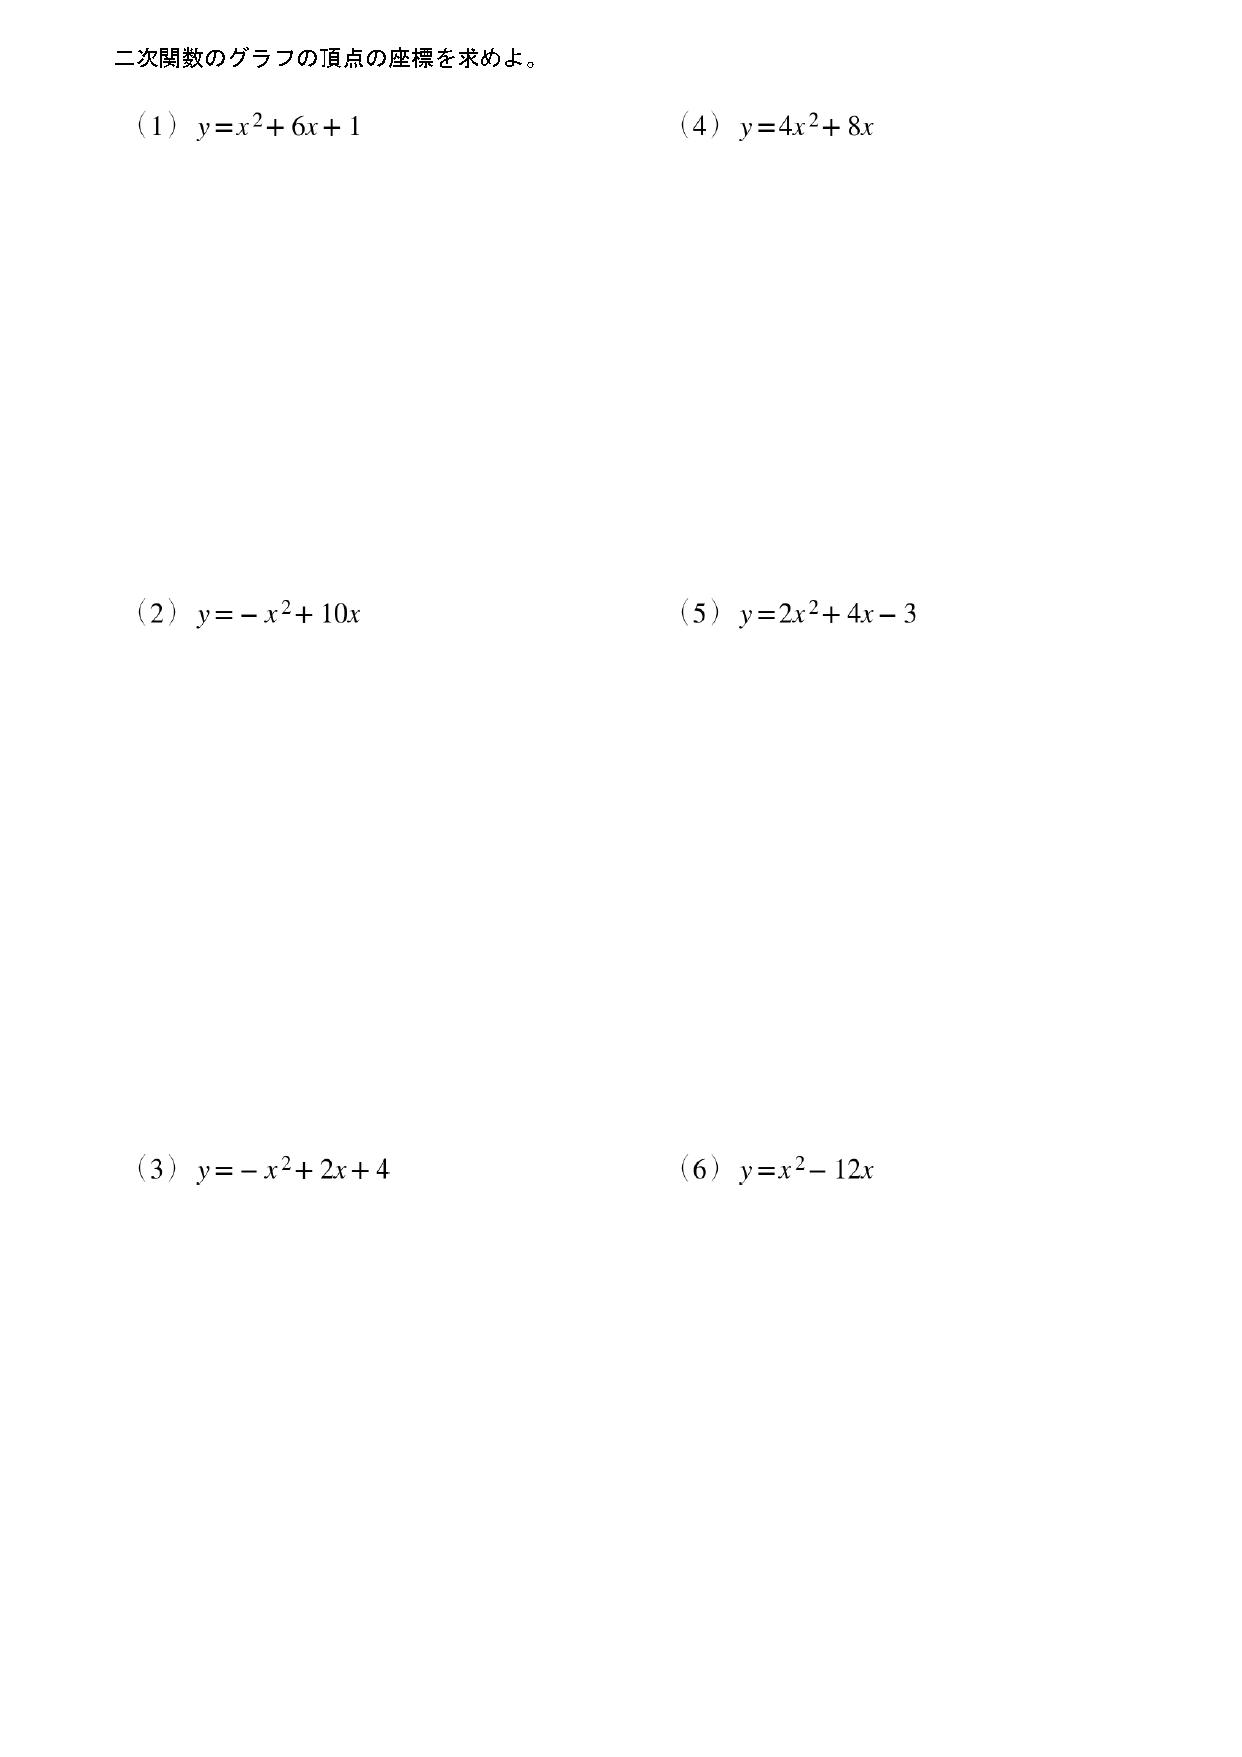 二次関数の式から頂点を求めよ